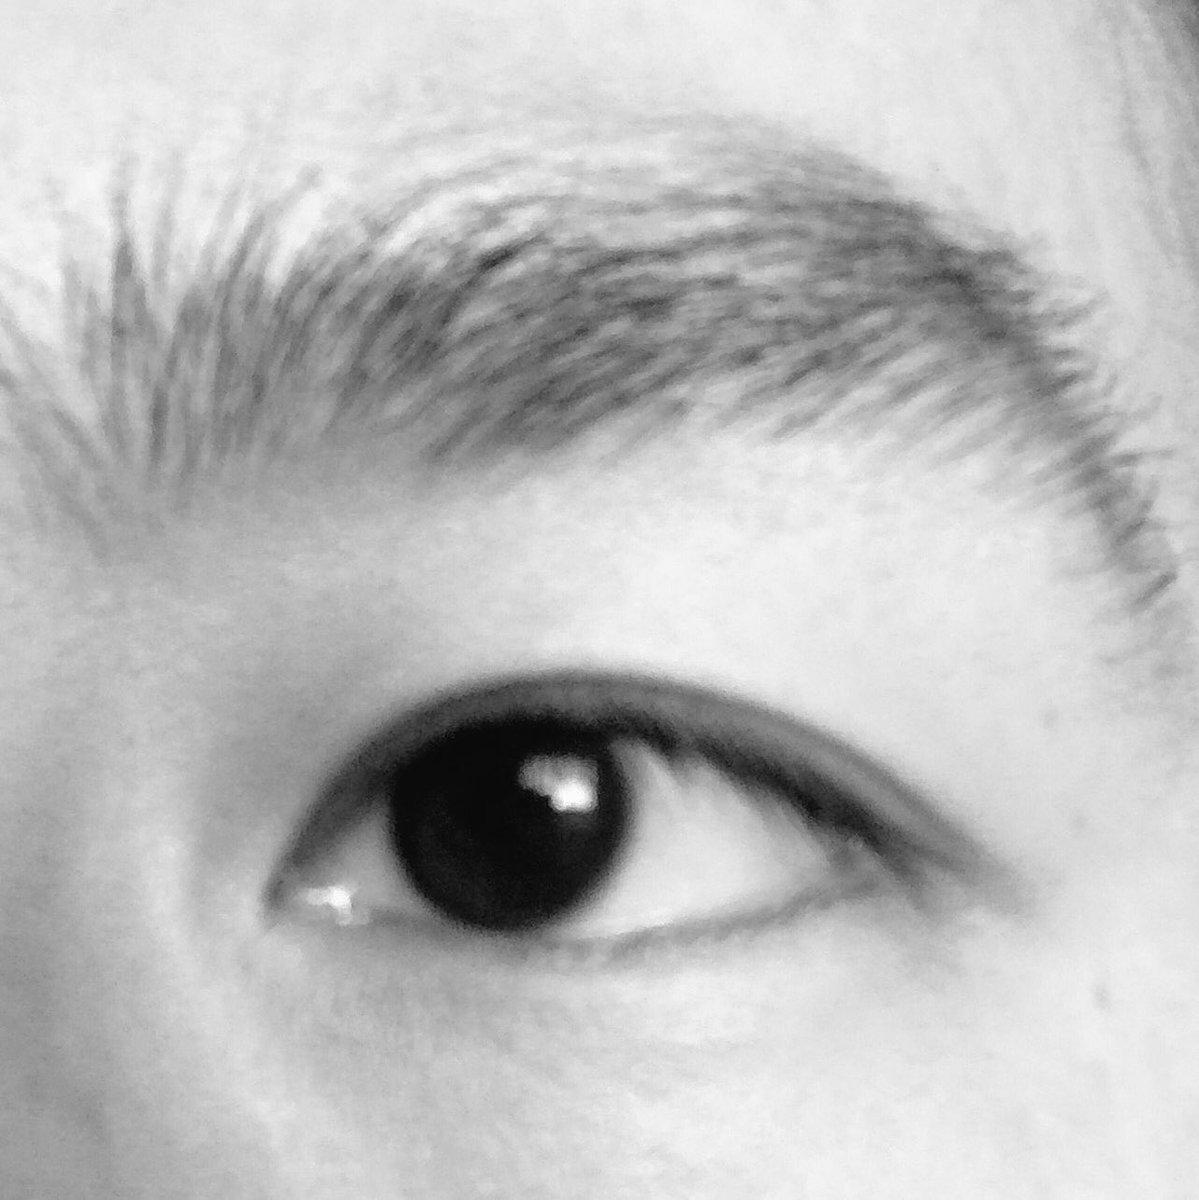 僕の瞼は基本一重なんですが、体調悪化により一時的に二重になるという特異な奴でして。1週間ほど前に一度…